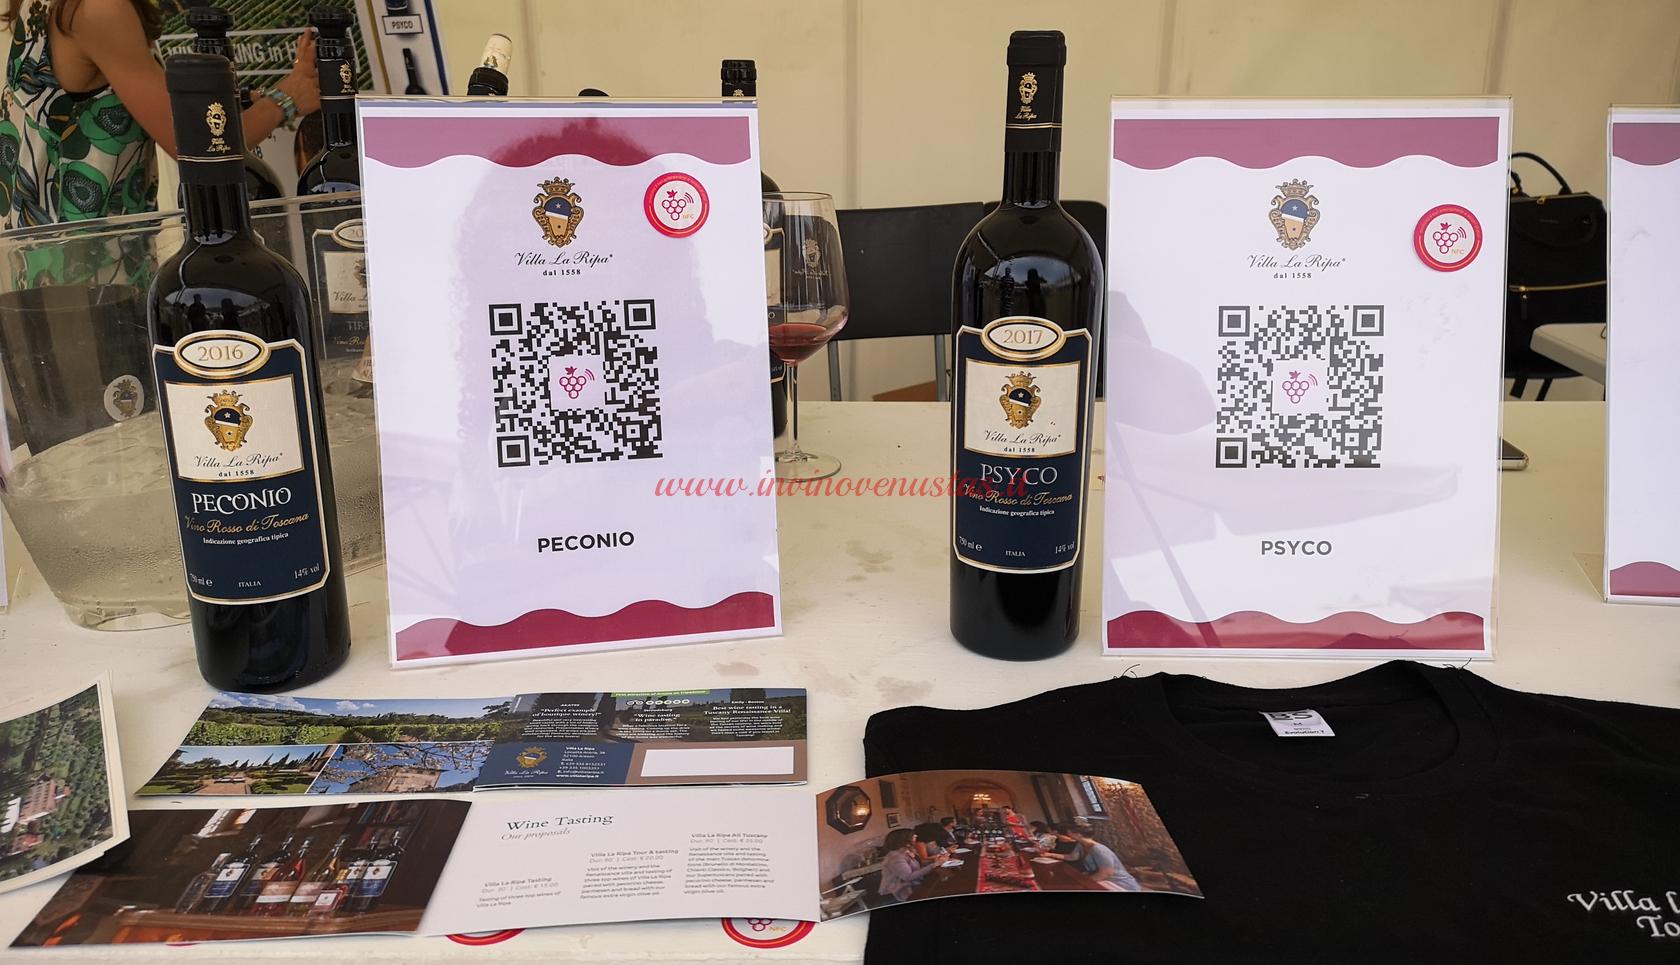 Peconio e Psyco Villa La Ripa in degustazione a Only Wine 2021